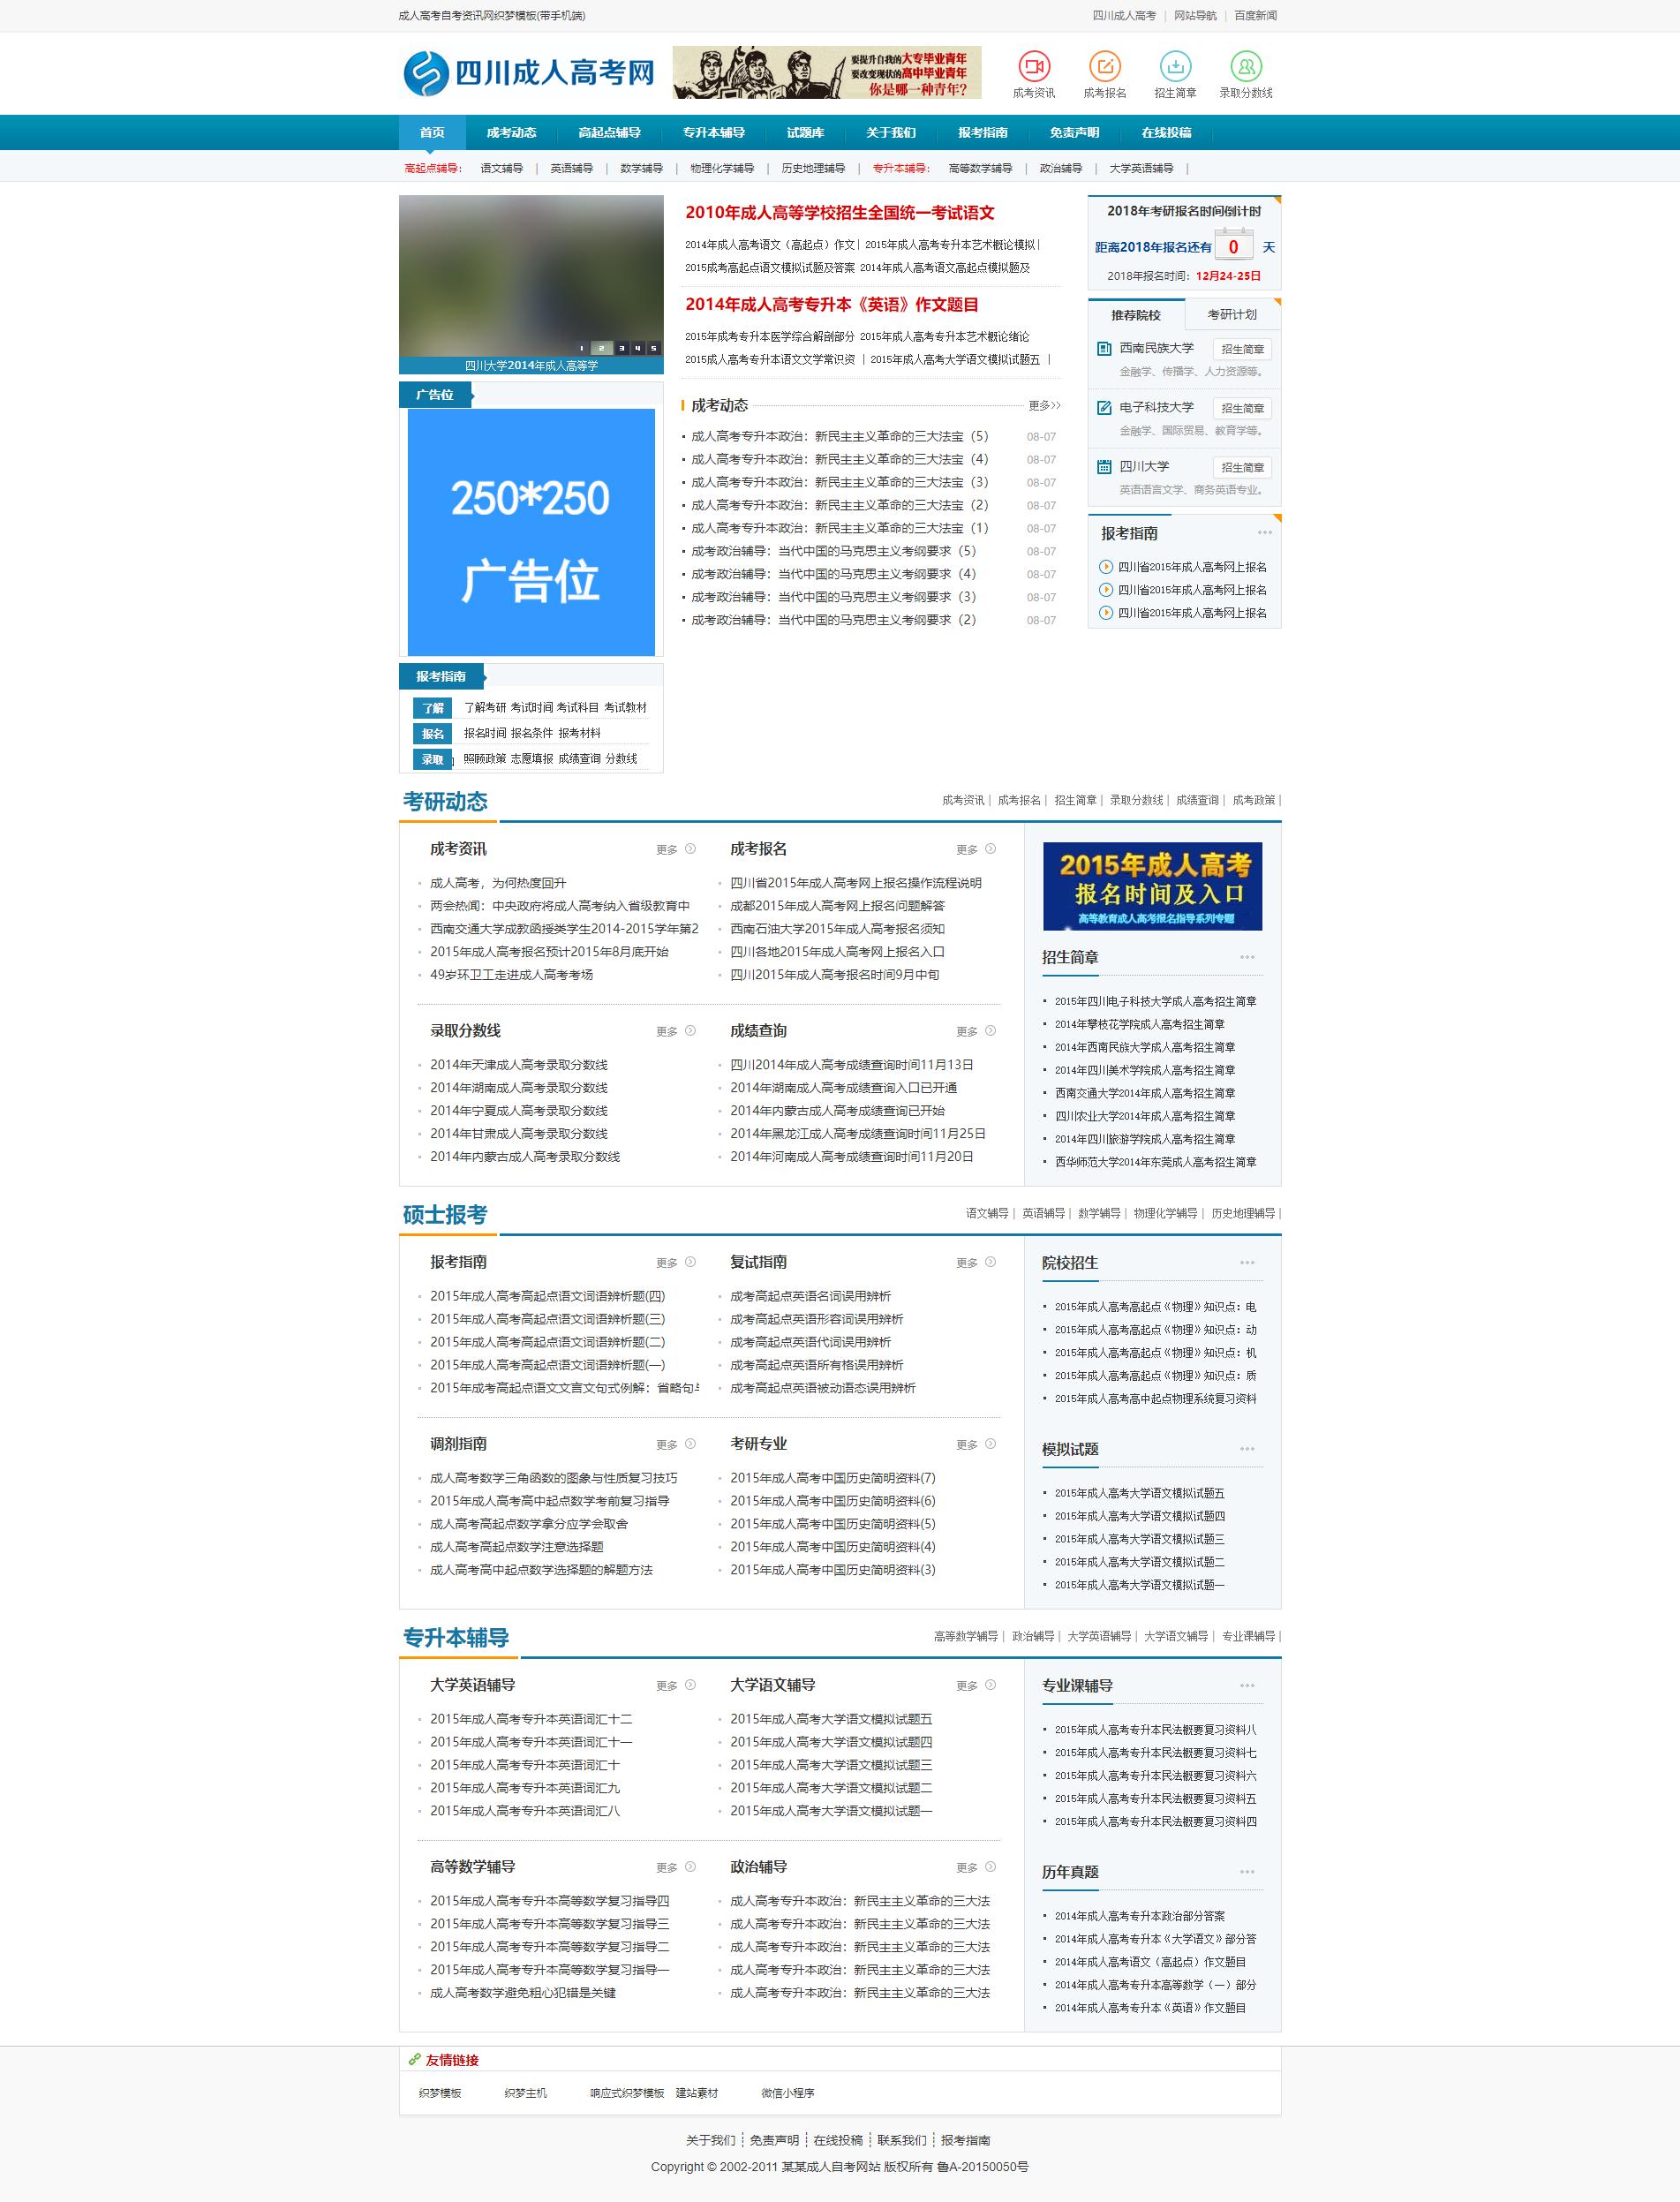 鹤云资源博客-新升级成人高考自考网织梦网站模板dede网站源码下载带手机版插图